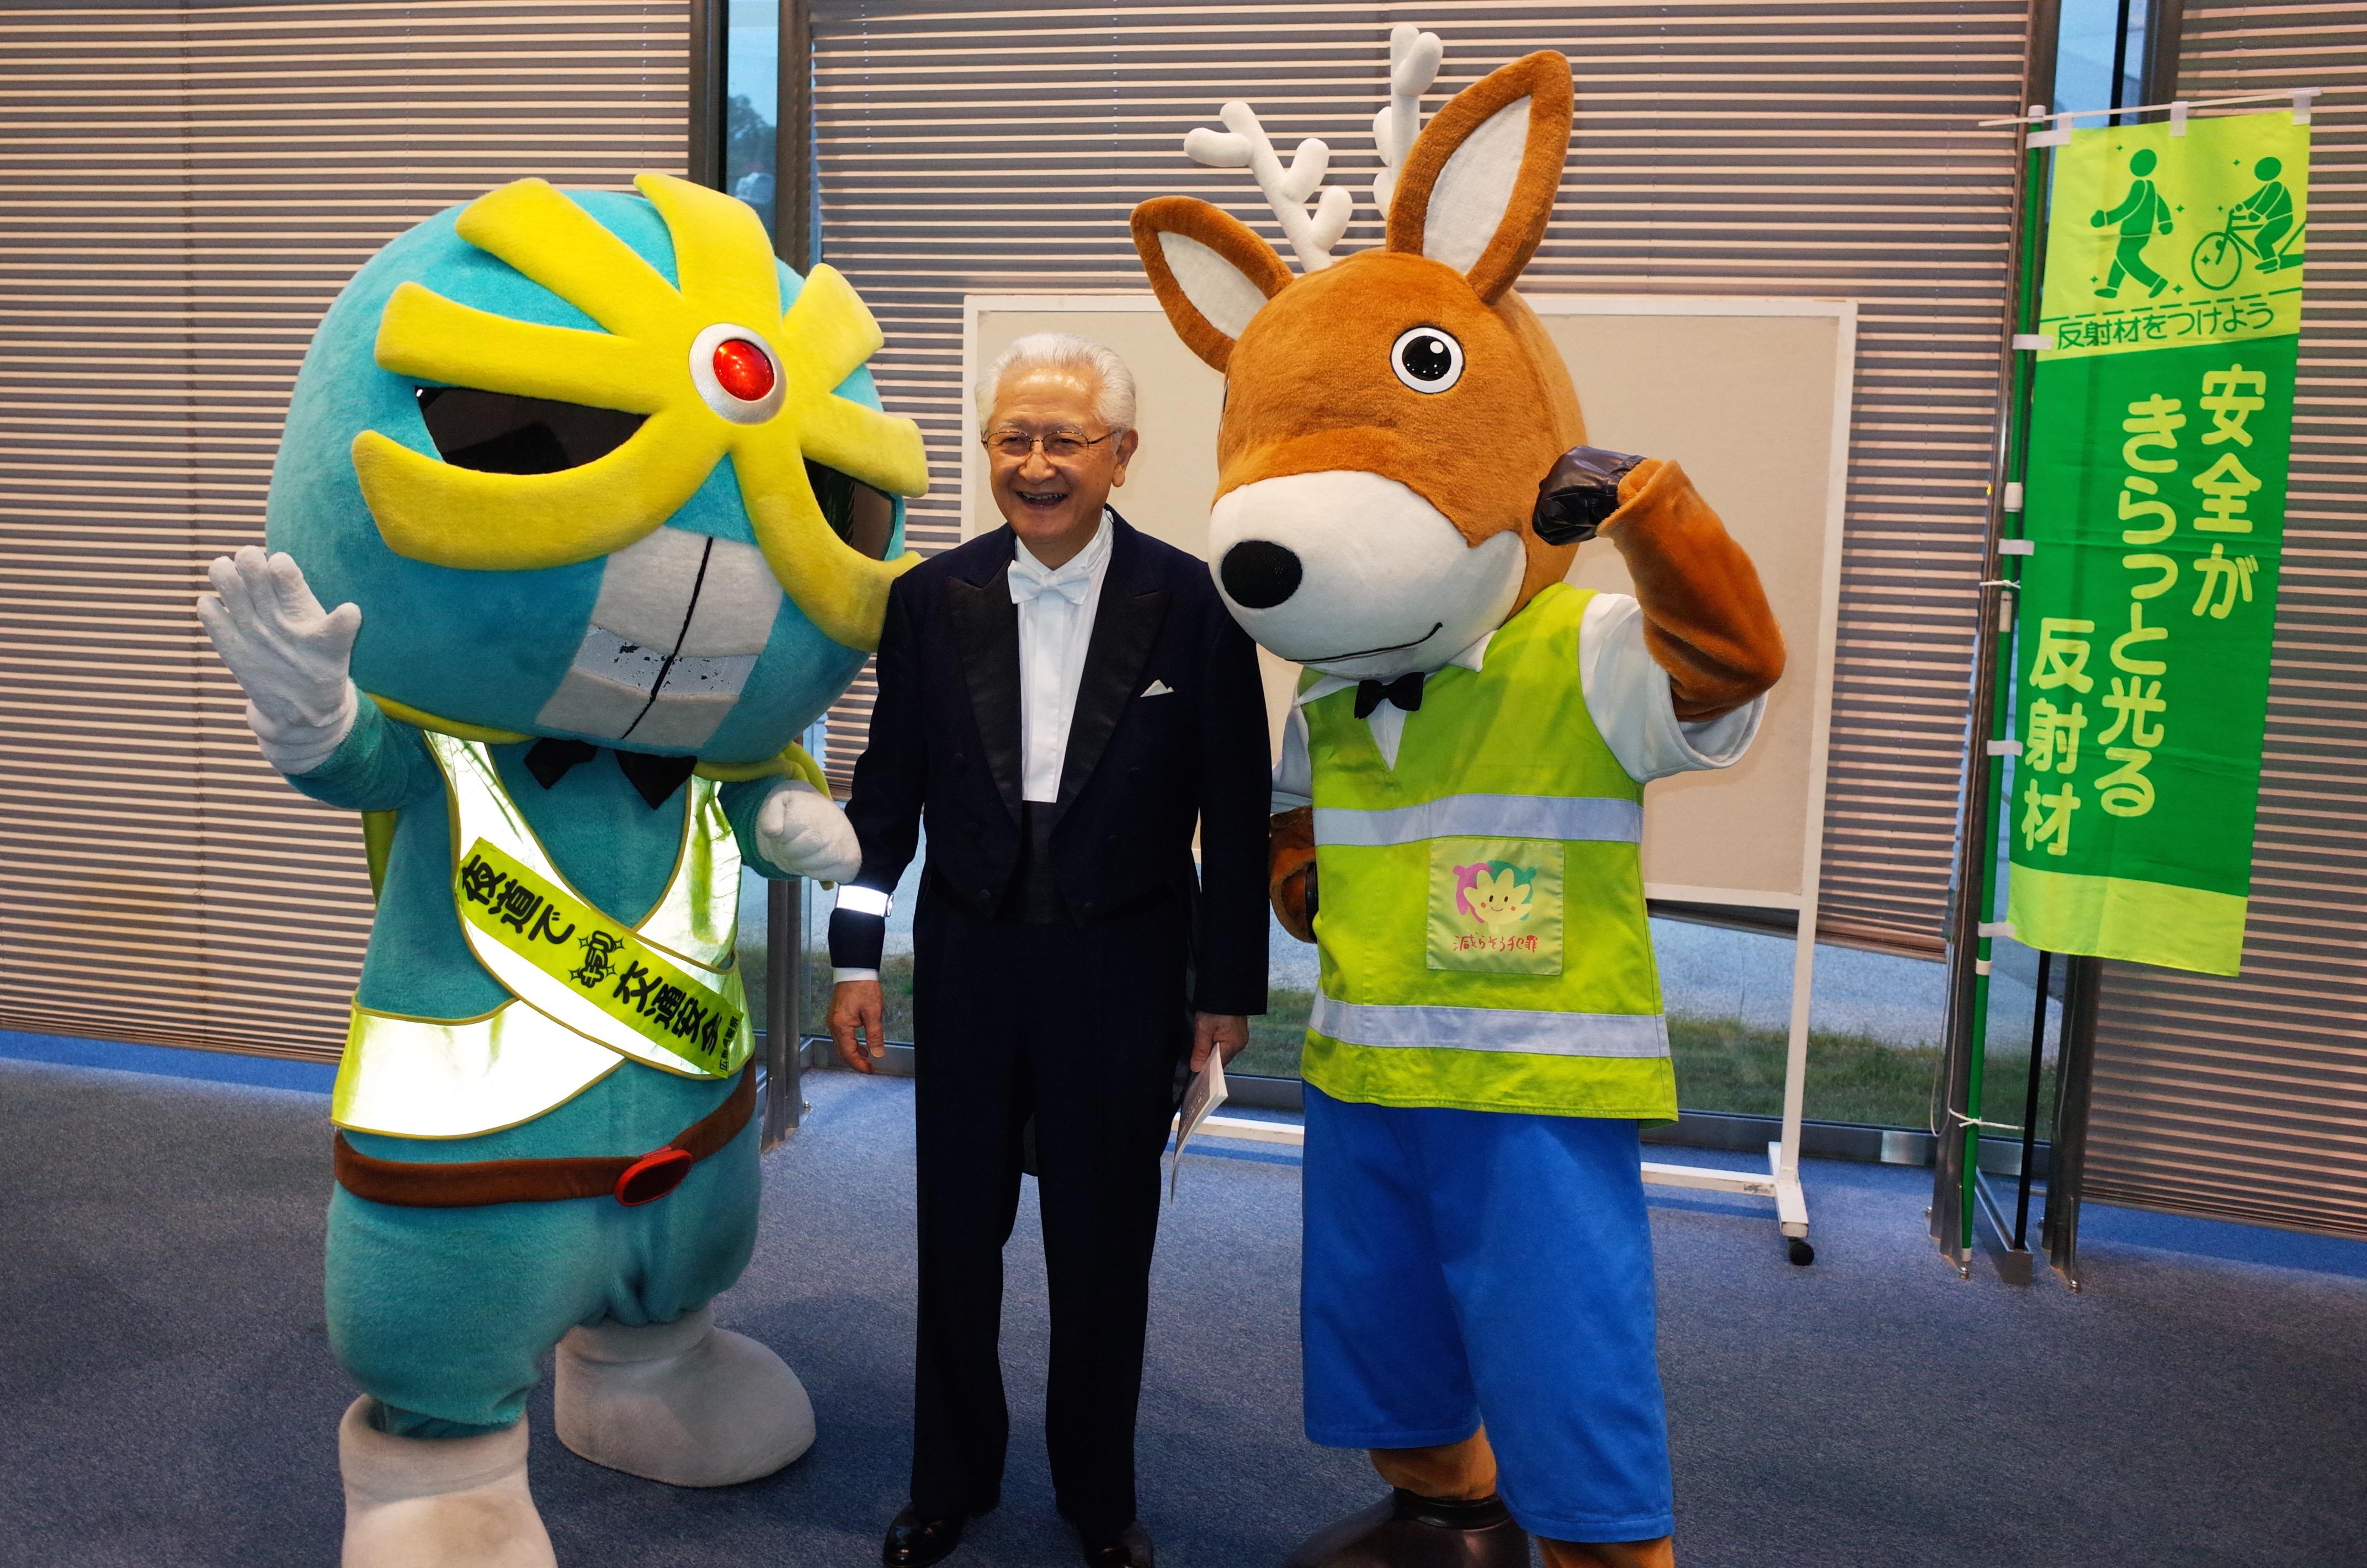 秋山音楽監督と『キラリ☆マン』(左)&『もしか』(右)          秋山先生の右腕にご注目!